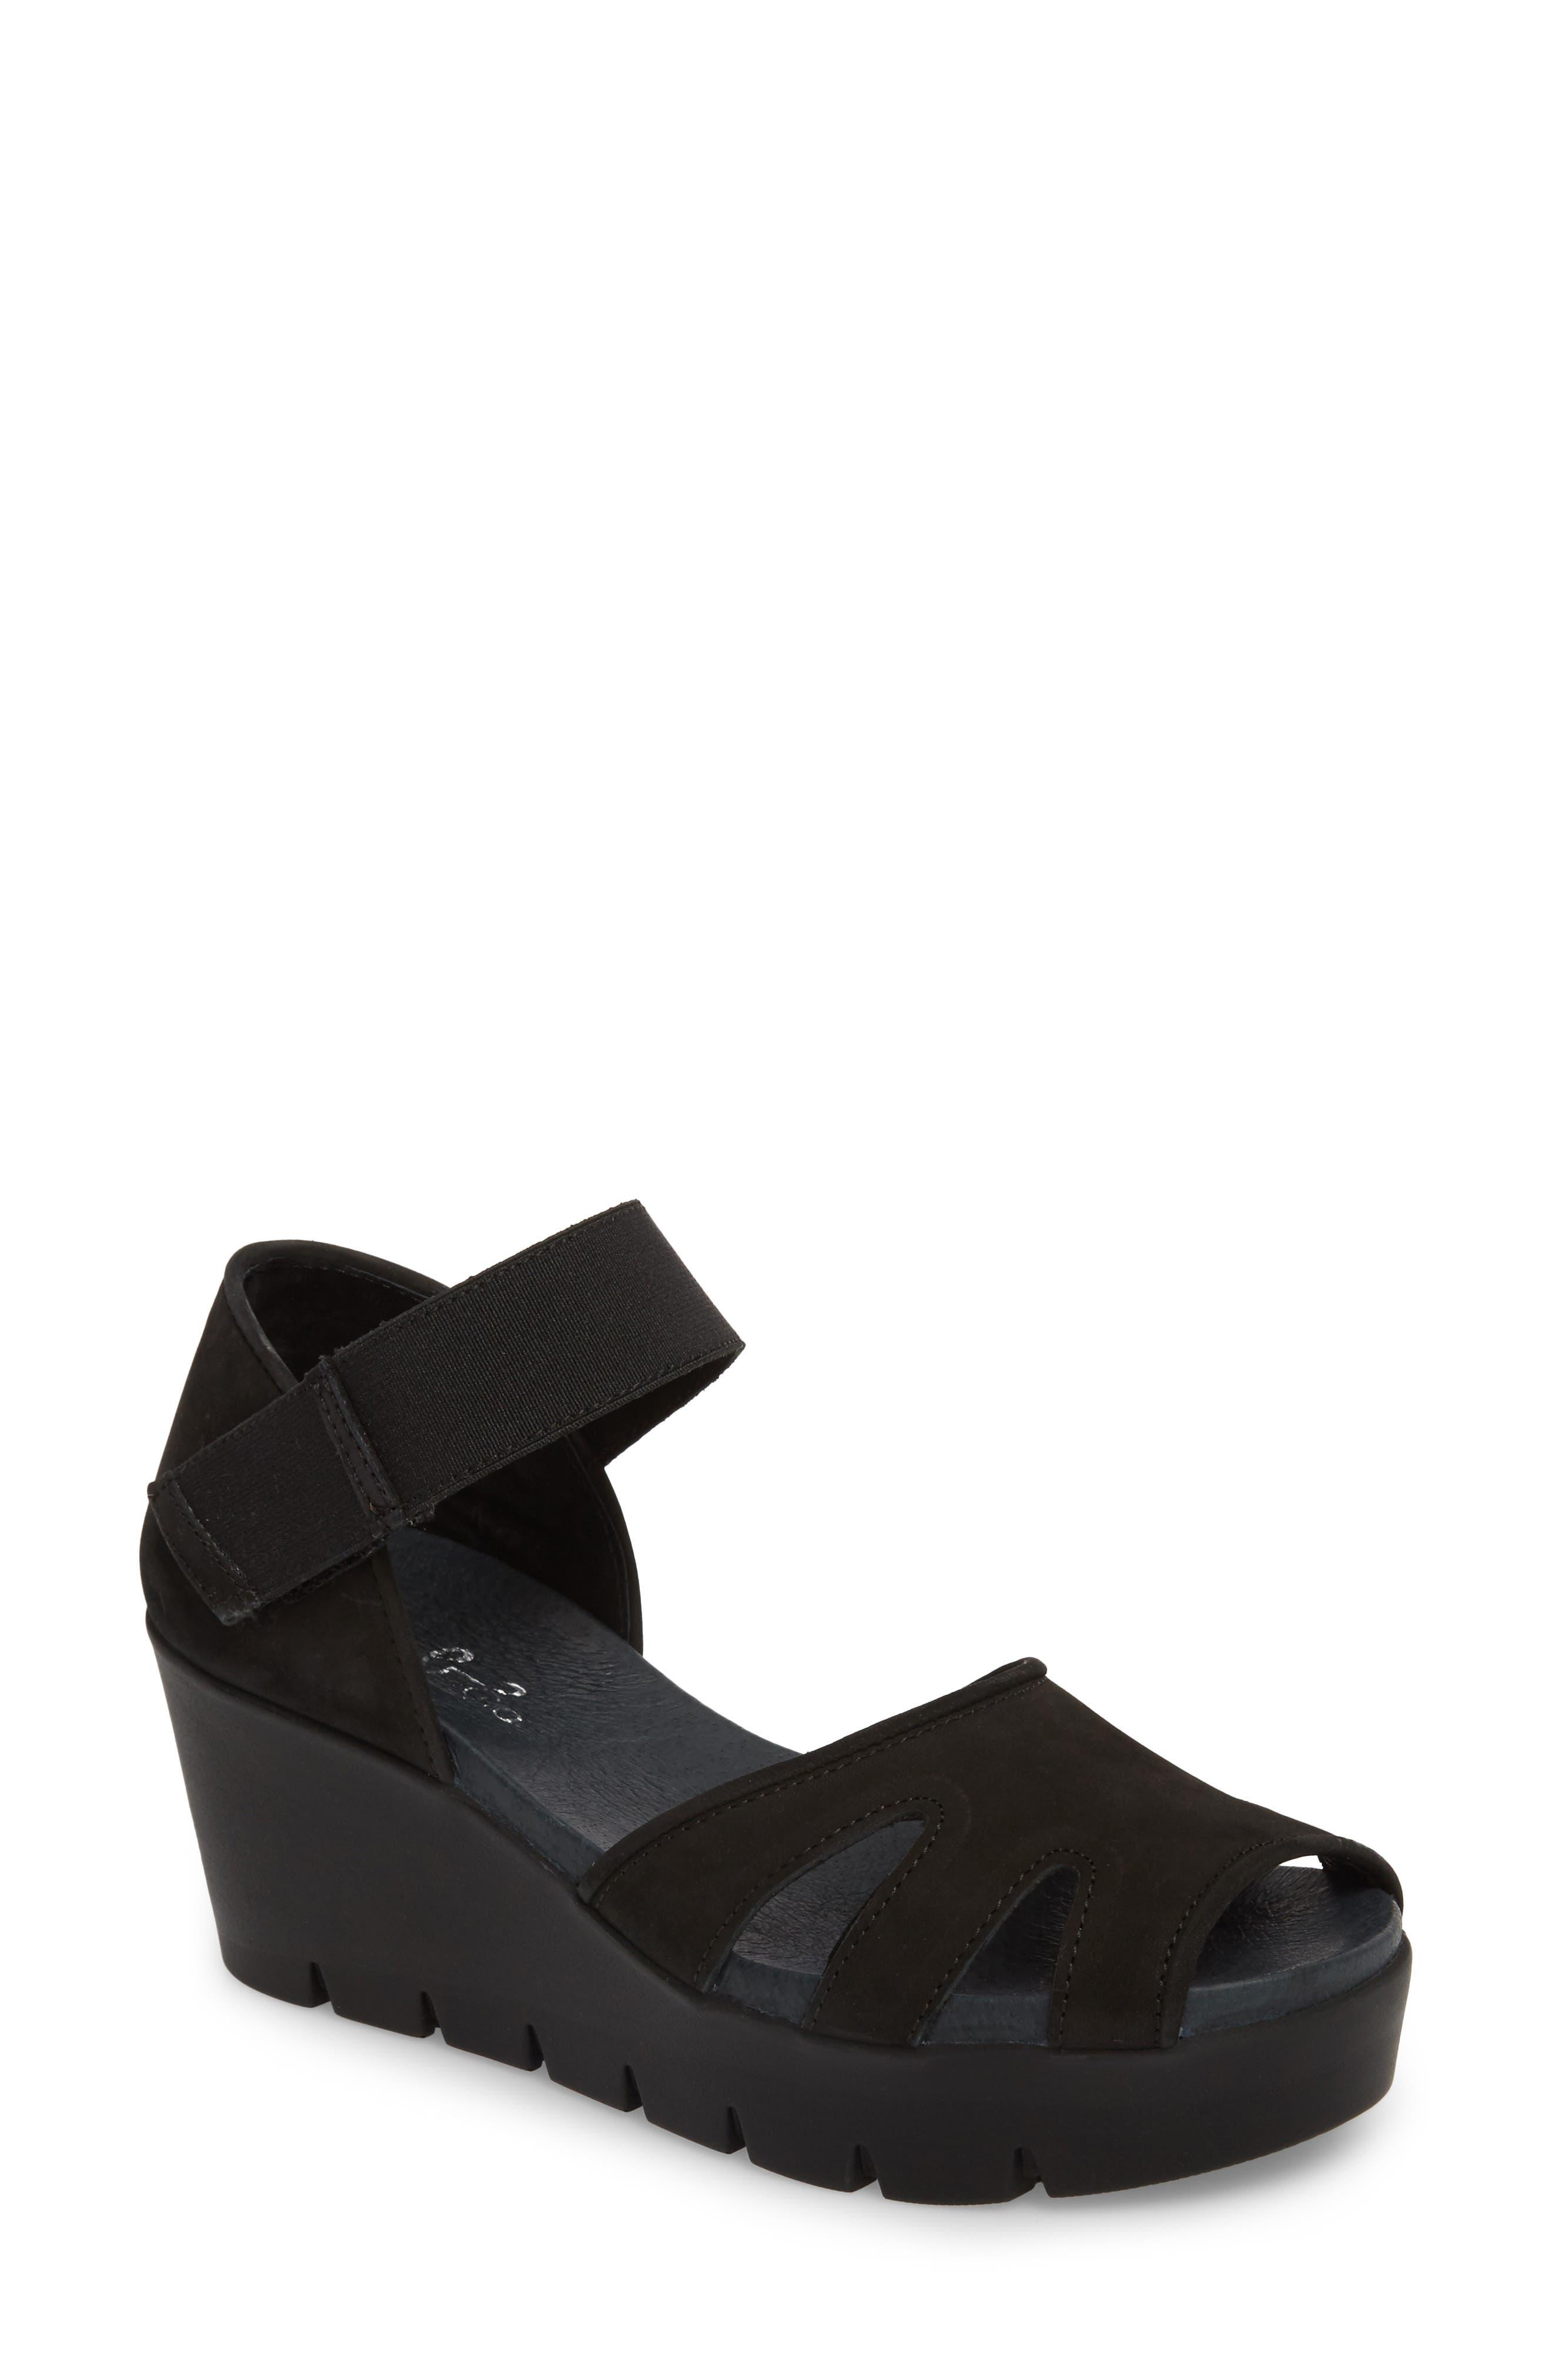 Bos. & Co. Sharon Platform Wedge Sandal - Black